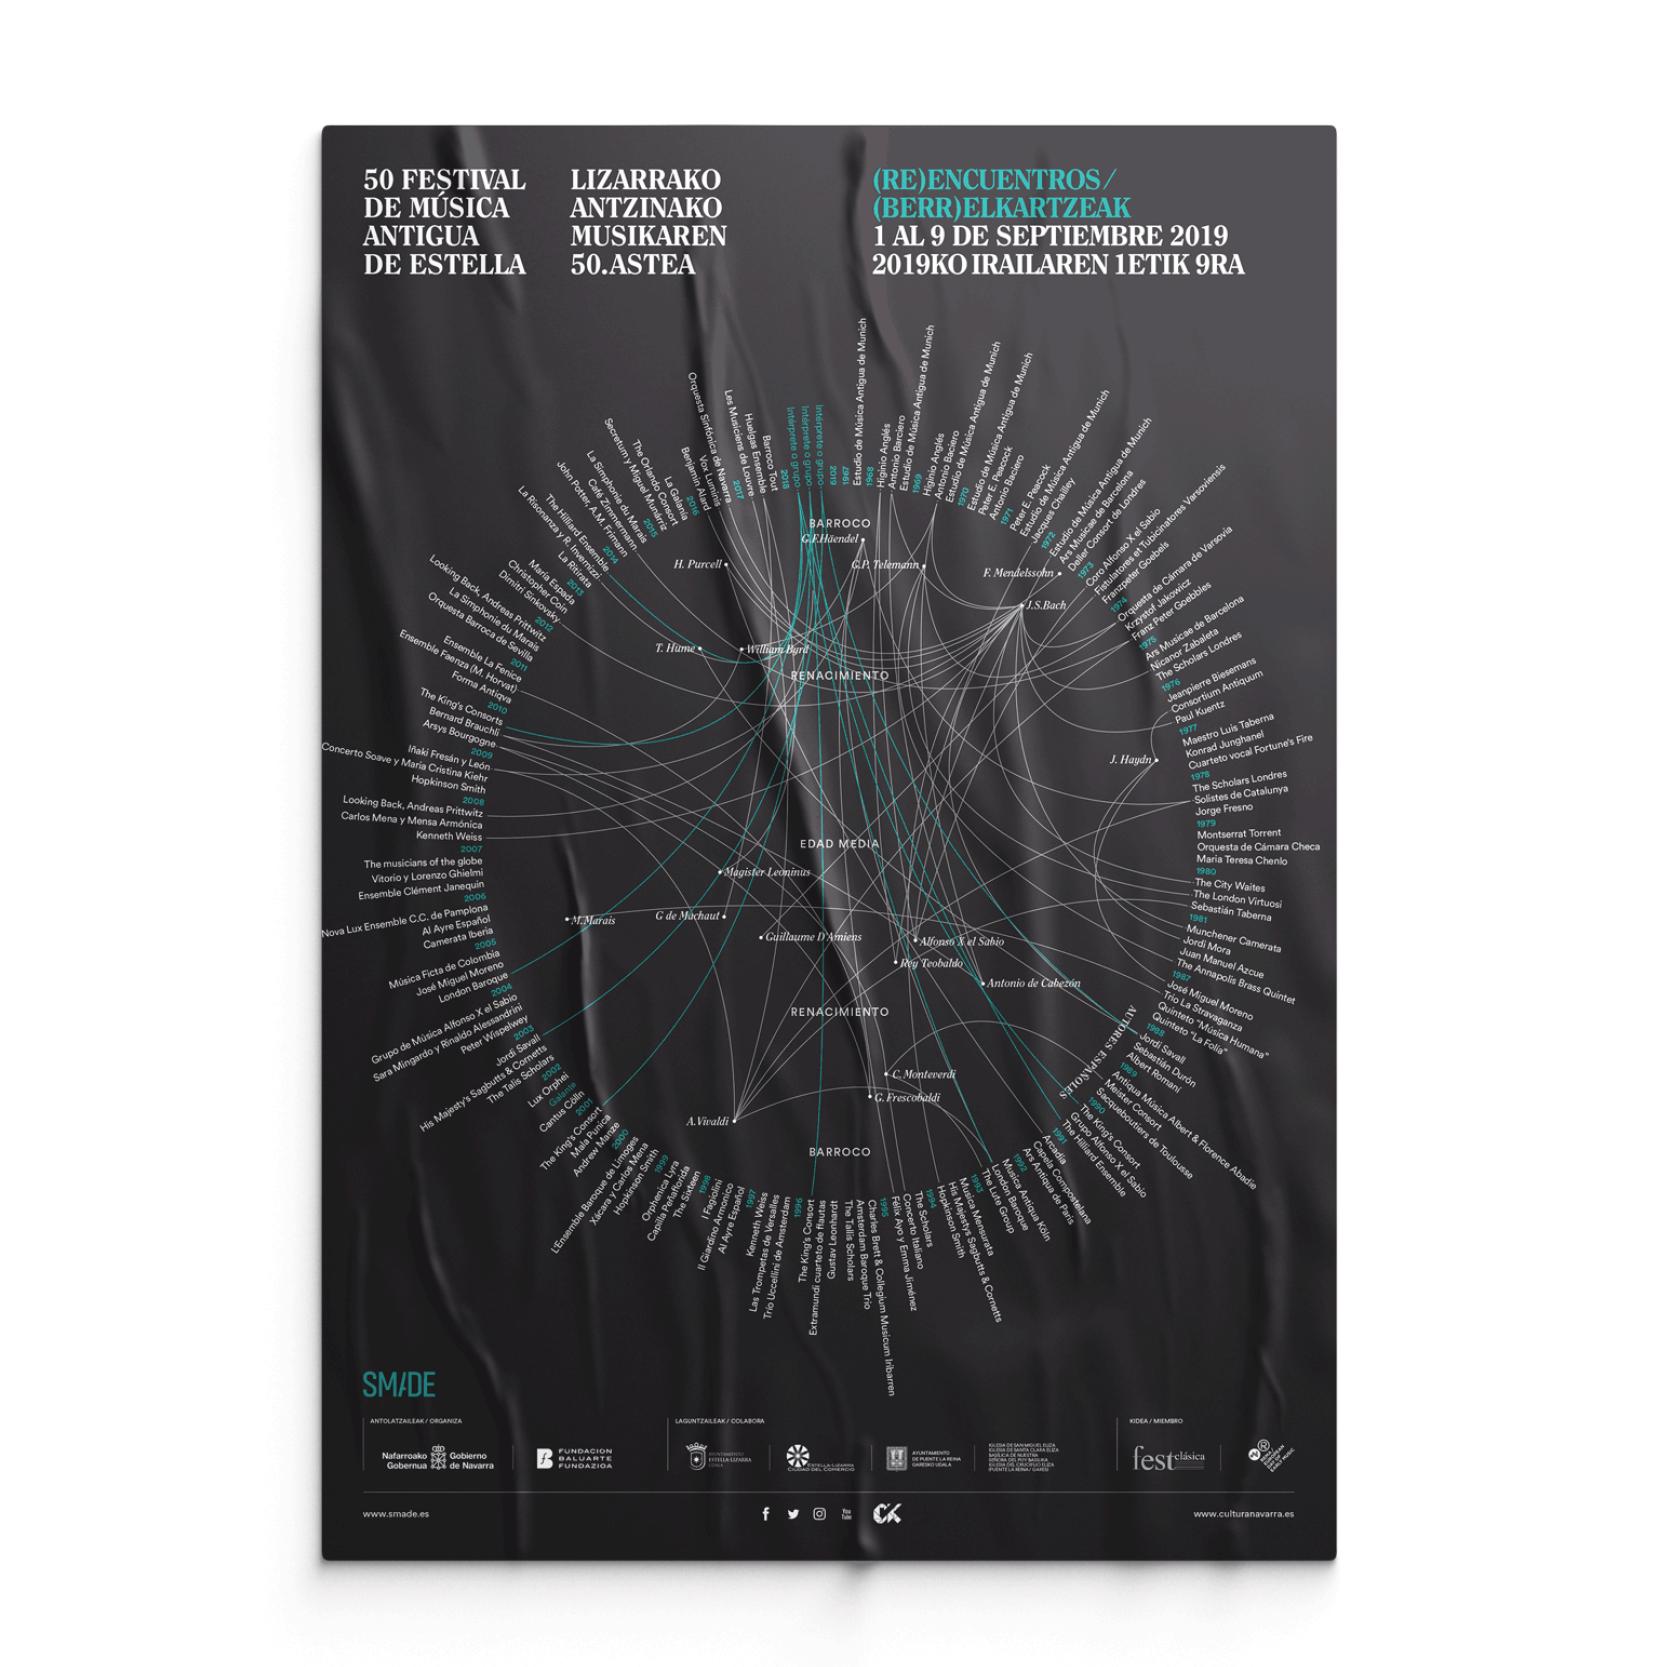 Identidad gráfica de la 50º edición de la Semana de Música Antigua de Estella by Errea Comunicación - Creative Work - $i